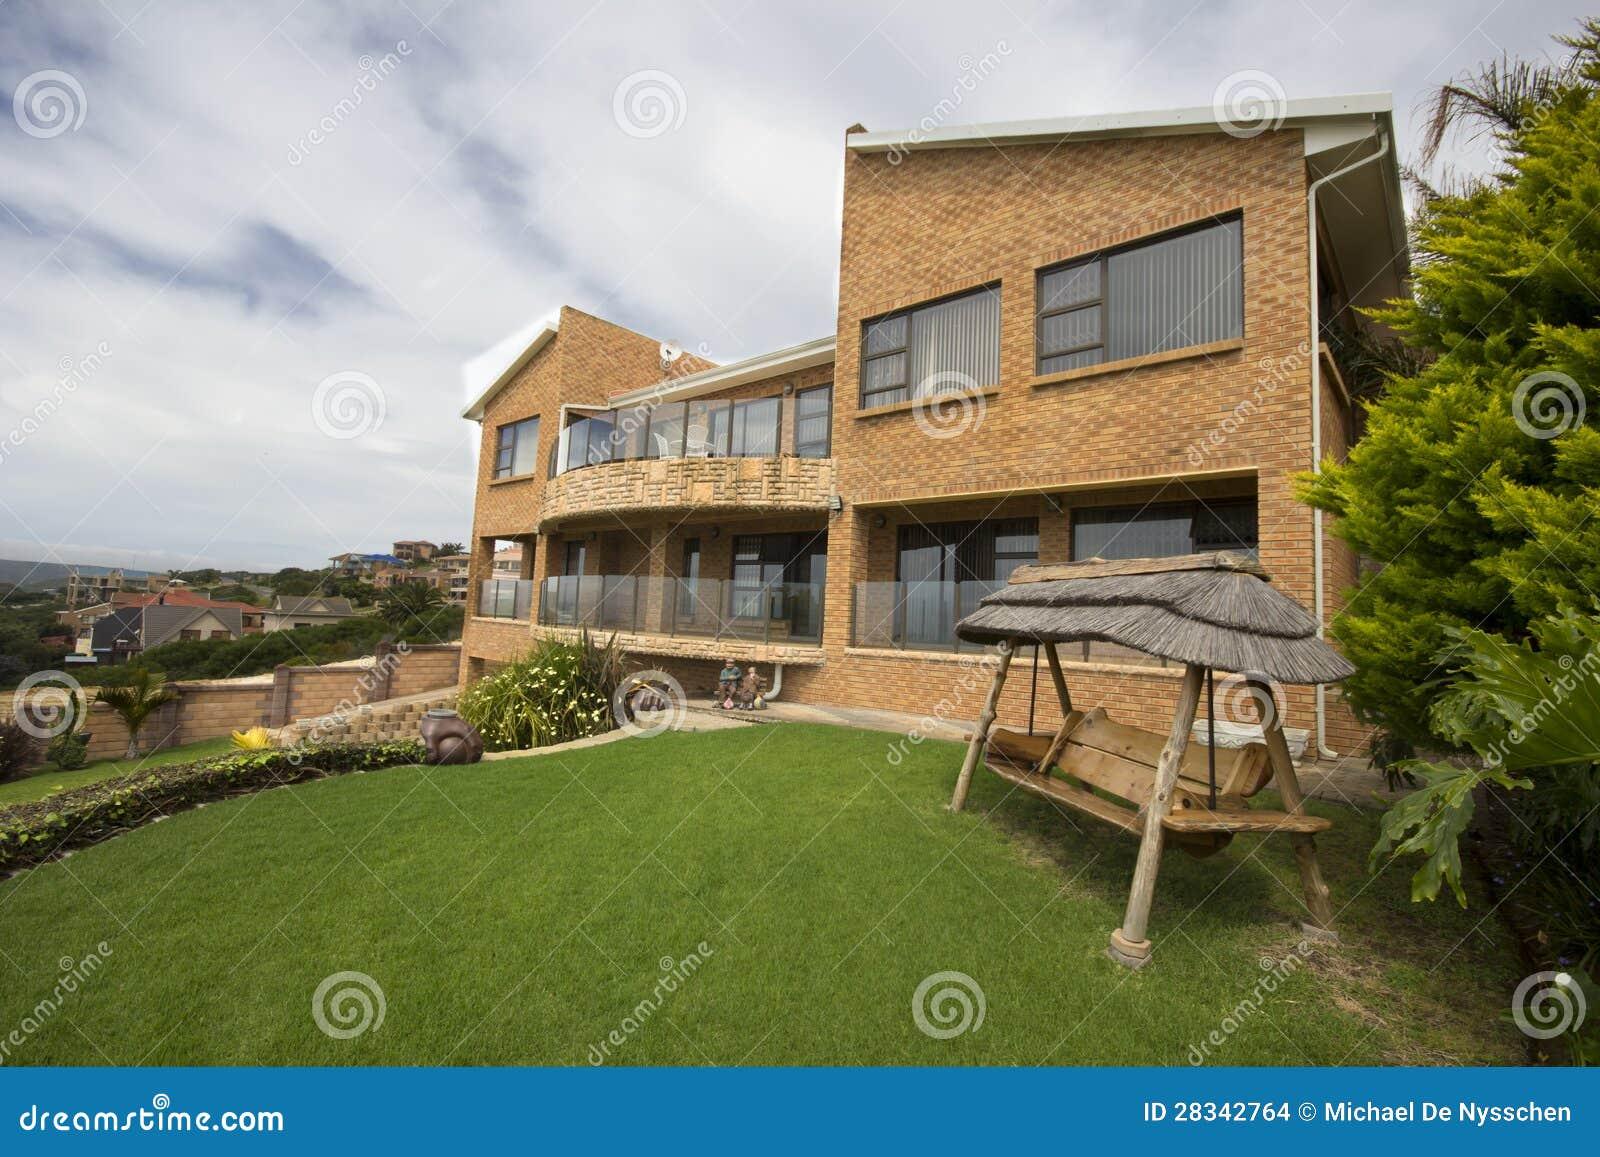 Maison de luxe avec le grand jardin photo stock image du logement pavage 28342764 for Les maison de luxe